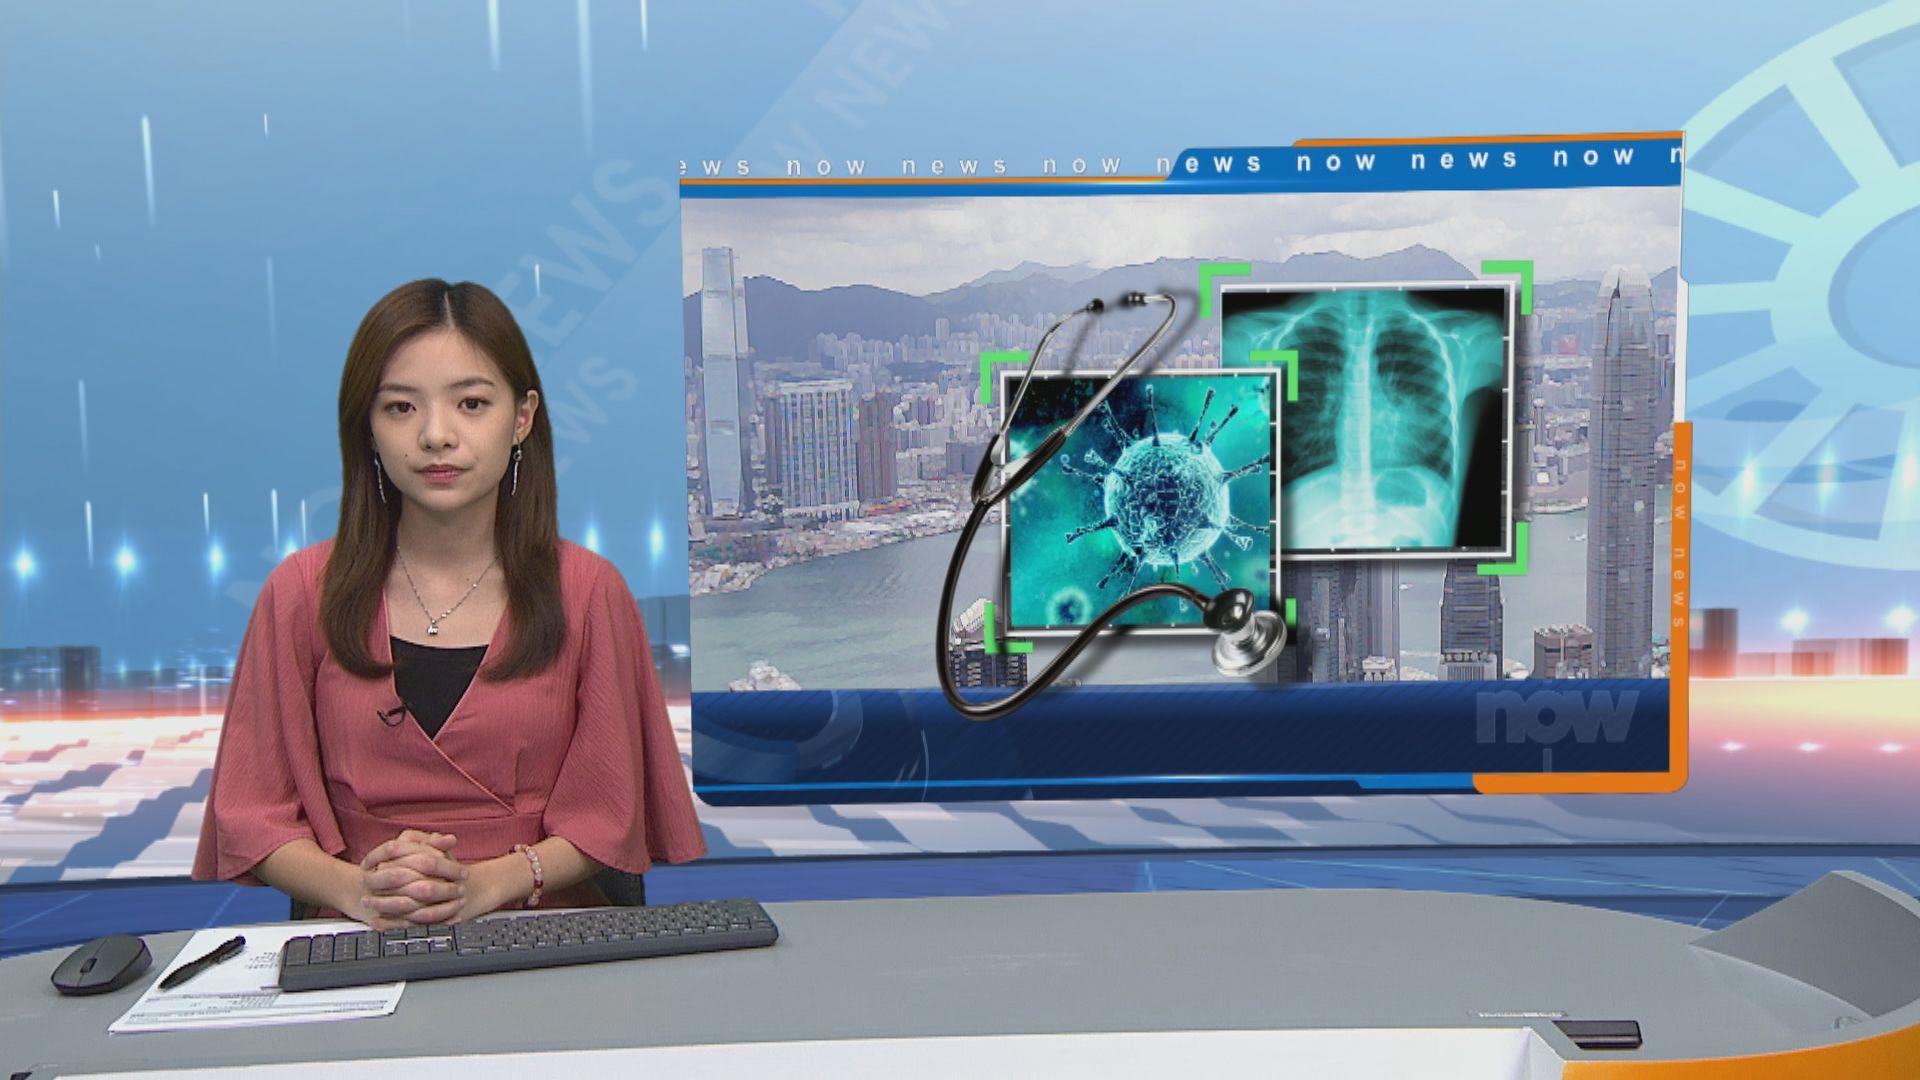 消息:新增至少16宗初步本地感染 涉港泰和的士司機